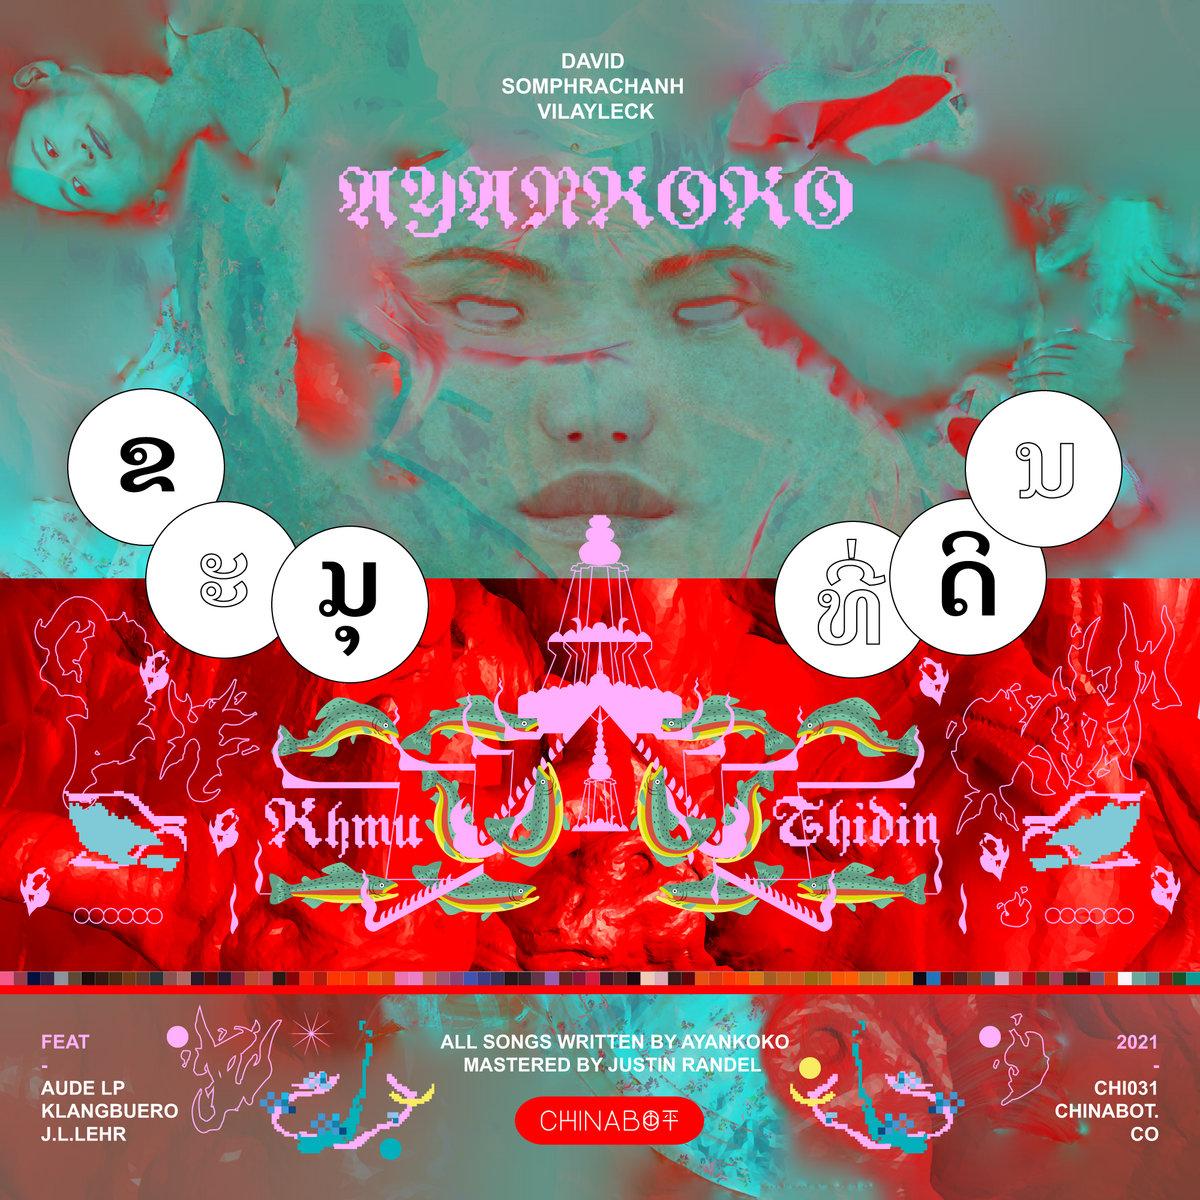 Ayankoko | Khmu Thidin | Chinabot